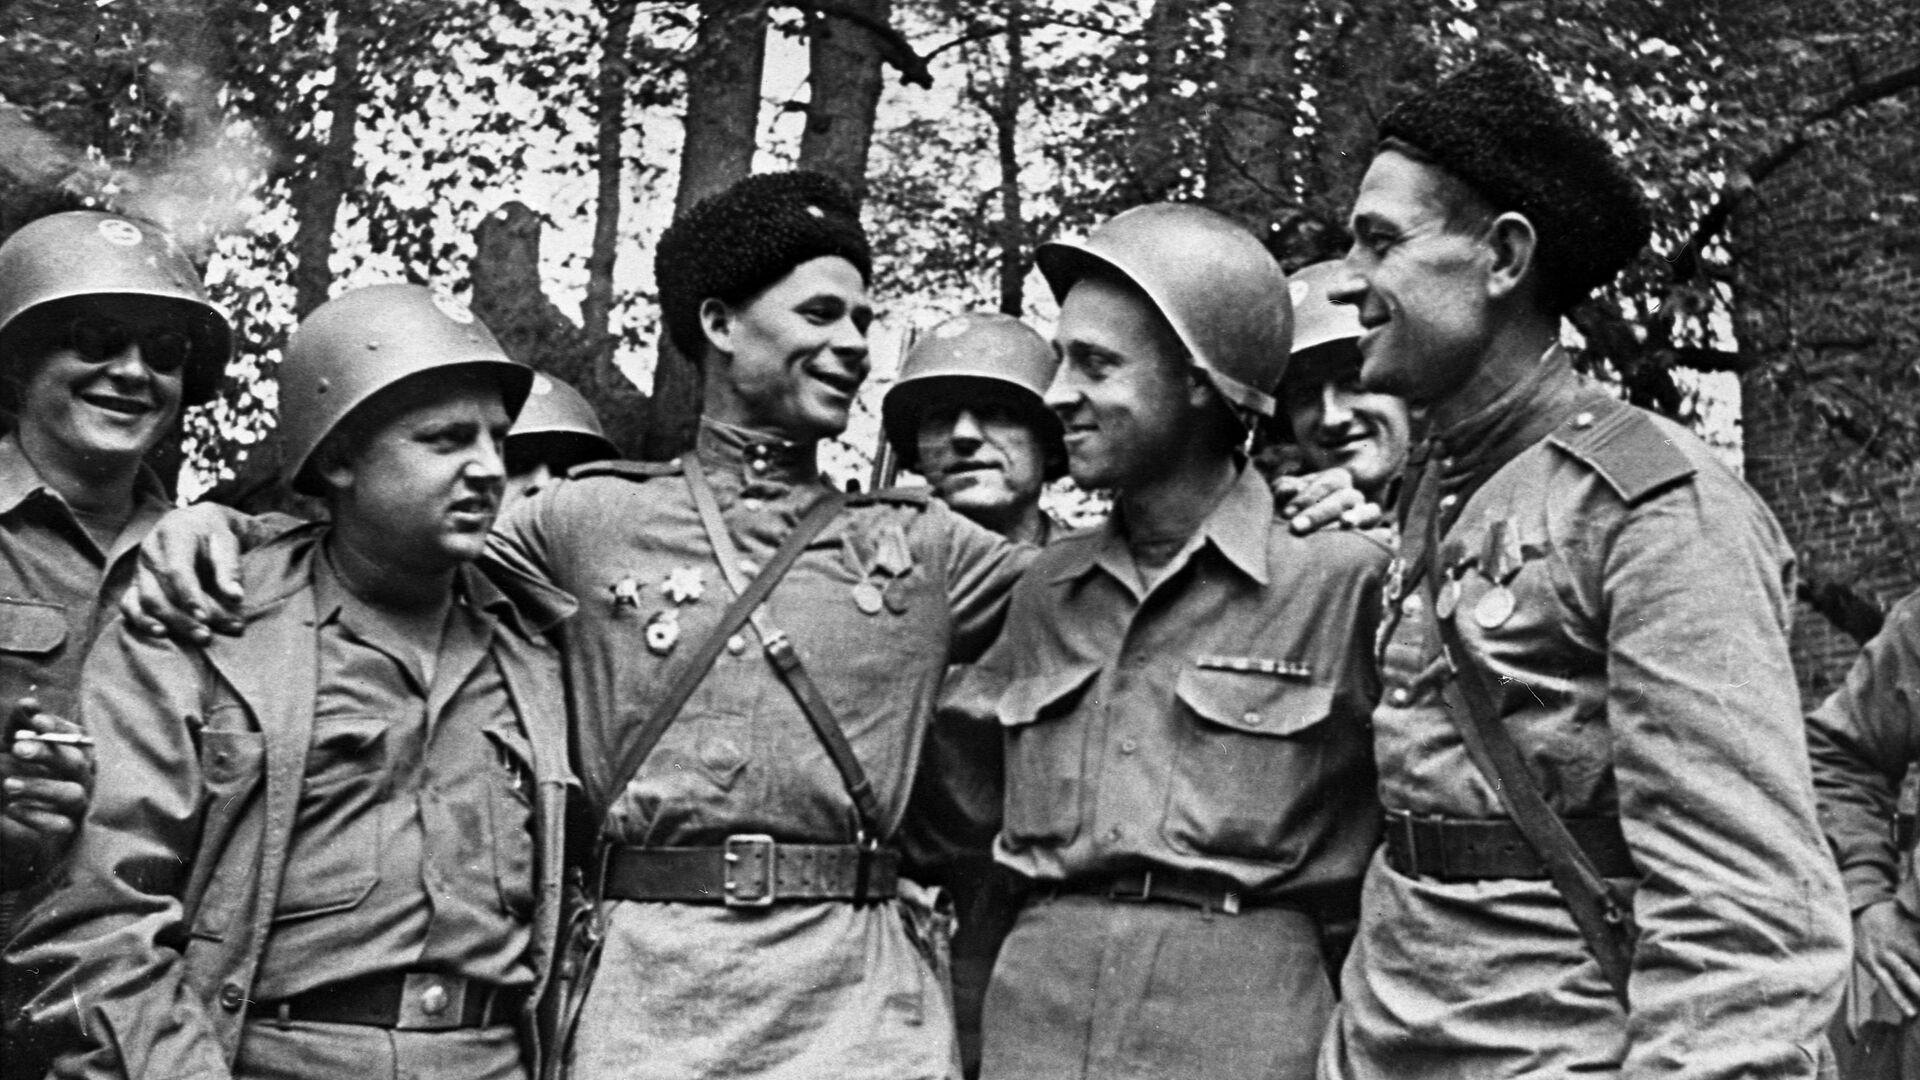 Nel mese di aprile 1945 i soldati sovietici e americani si incontrarono sul fiume Elba in Germania - Sputnik Italia, 1920, 22.06.2021